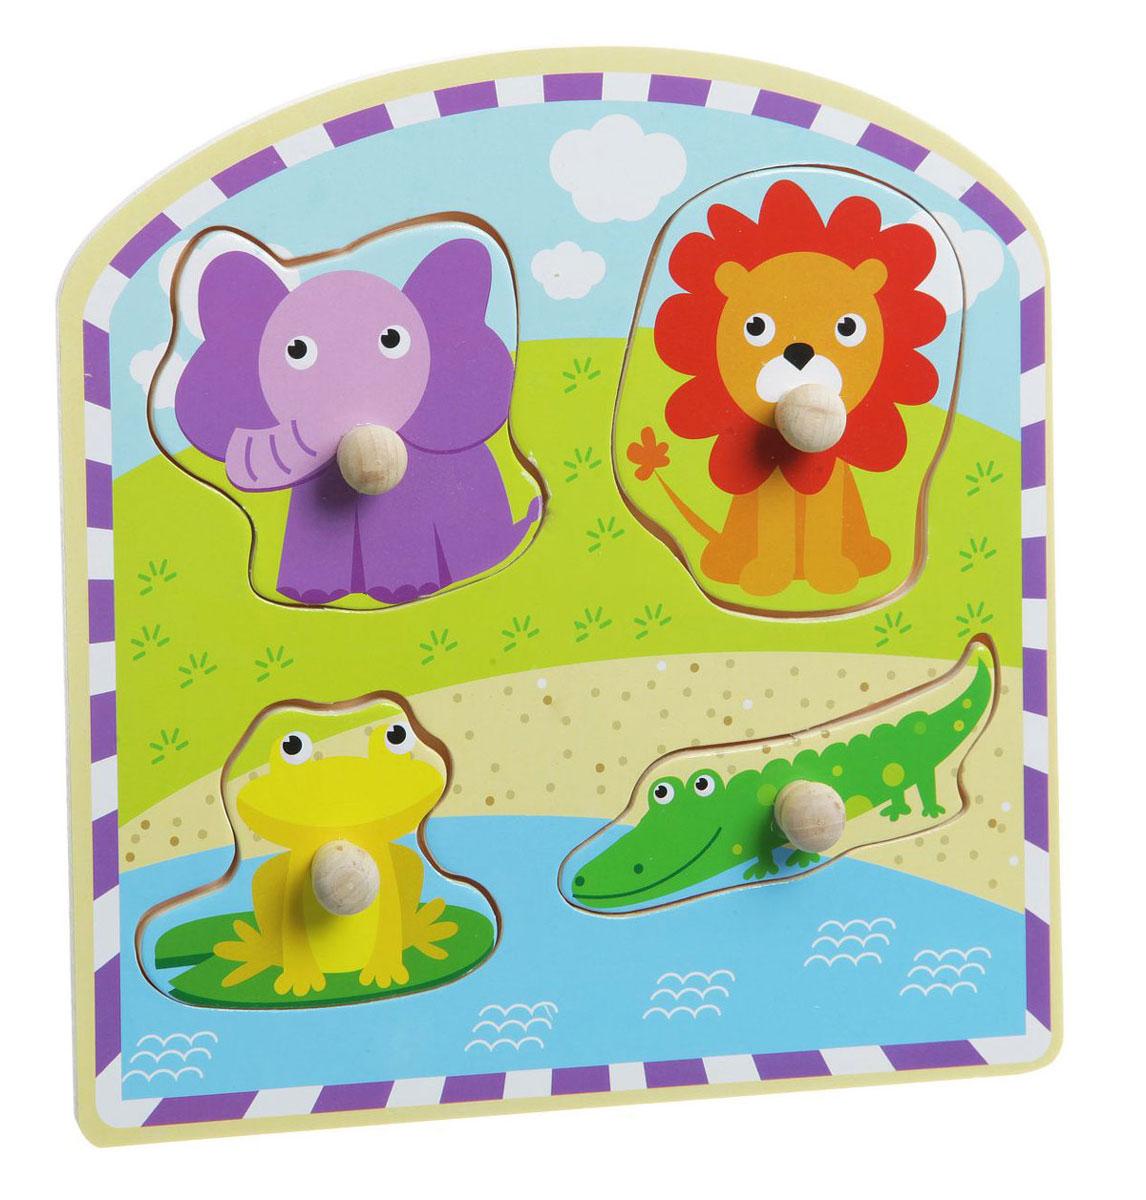 Bondibon Пазл для малышей Животные 2ВВ1496Пазл для малышей Bondibon Животные-2 является прекрасной игрушкой, предназначенной для развития мелкой моторики и воображения малышей. Пазл изготовлен из экологически чистого материала - древесины, абсолютно безопасен для маленьких детей и не токсичен. Пазл способствует развитию координации малыша, расширяет представление ребенка о предметах окружающего мира, учит выделять связи между явлениями и предметами, развивает логическое мышление. С его помощью ребенок узнает, как выглядят животные дикой природы, научится классифицировать их и отличать друг от друга. Подобная рамка-пазл станет прекрасным подарком для тех родителей, которые ценят не только интересные, но и полезные игрушки. Уважаемые клиенты! Обращаем ваше внимание на возможные варьирования в дизайне товара. Поставка возможна в зависимости от наличия на складе.